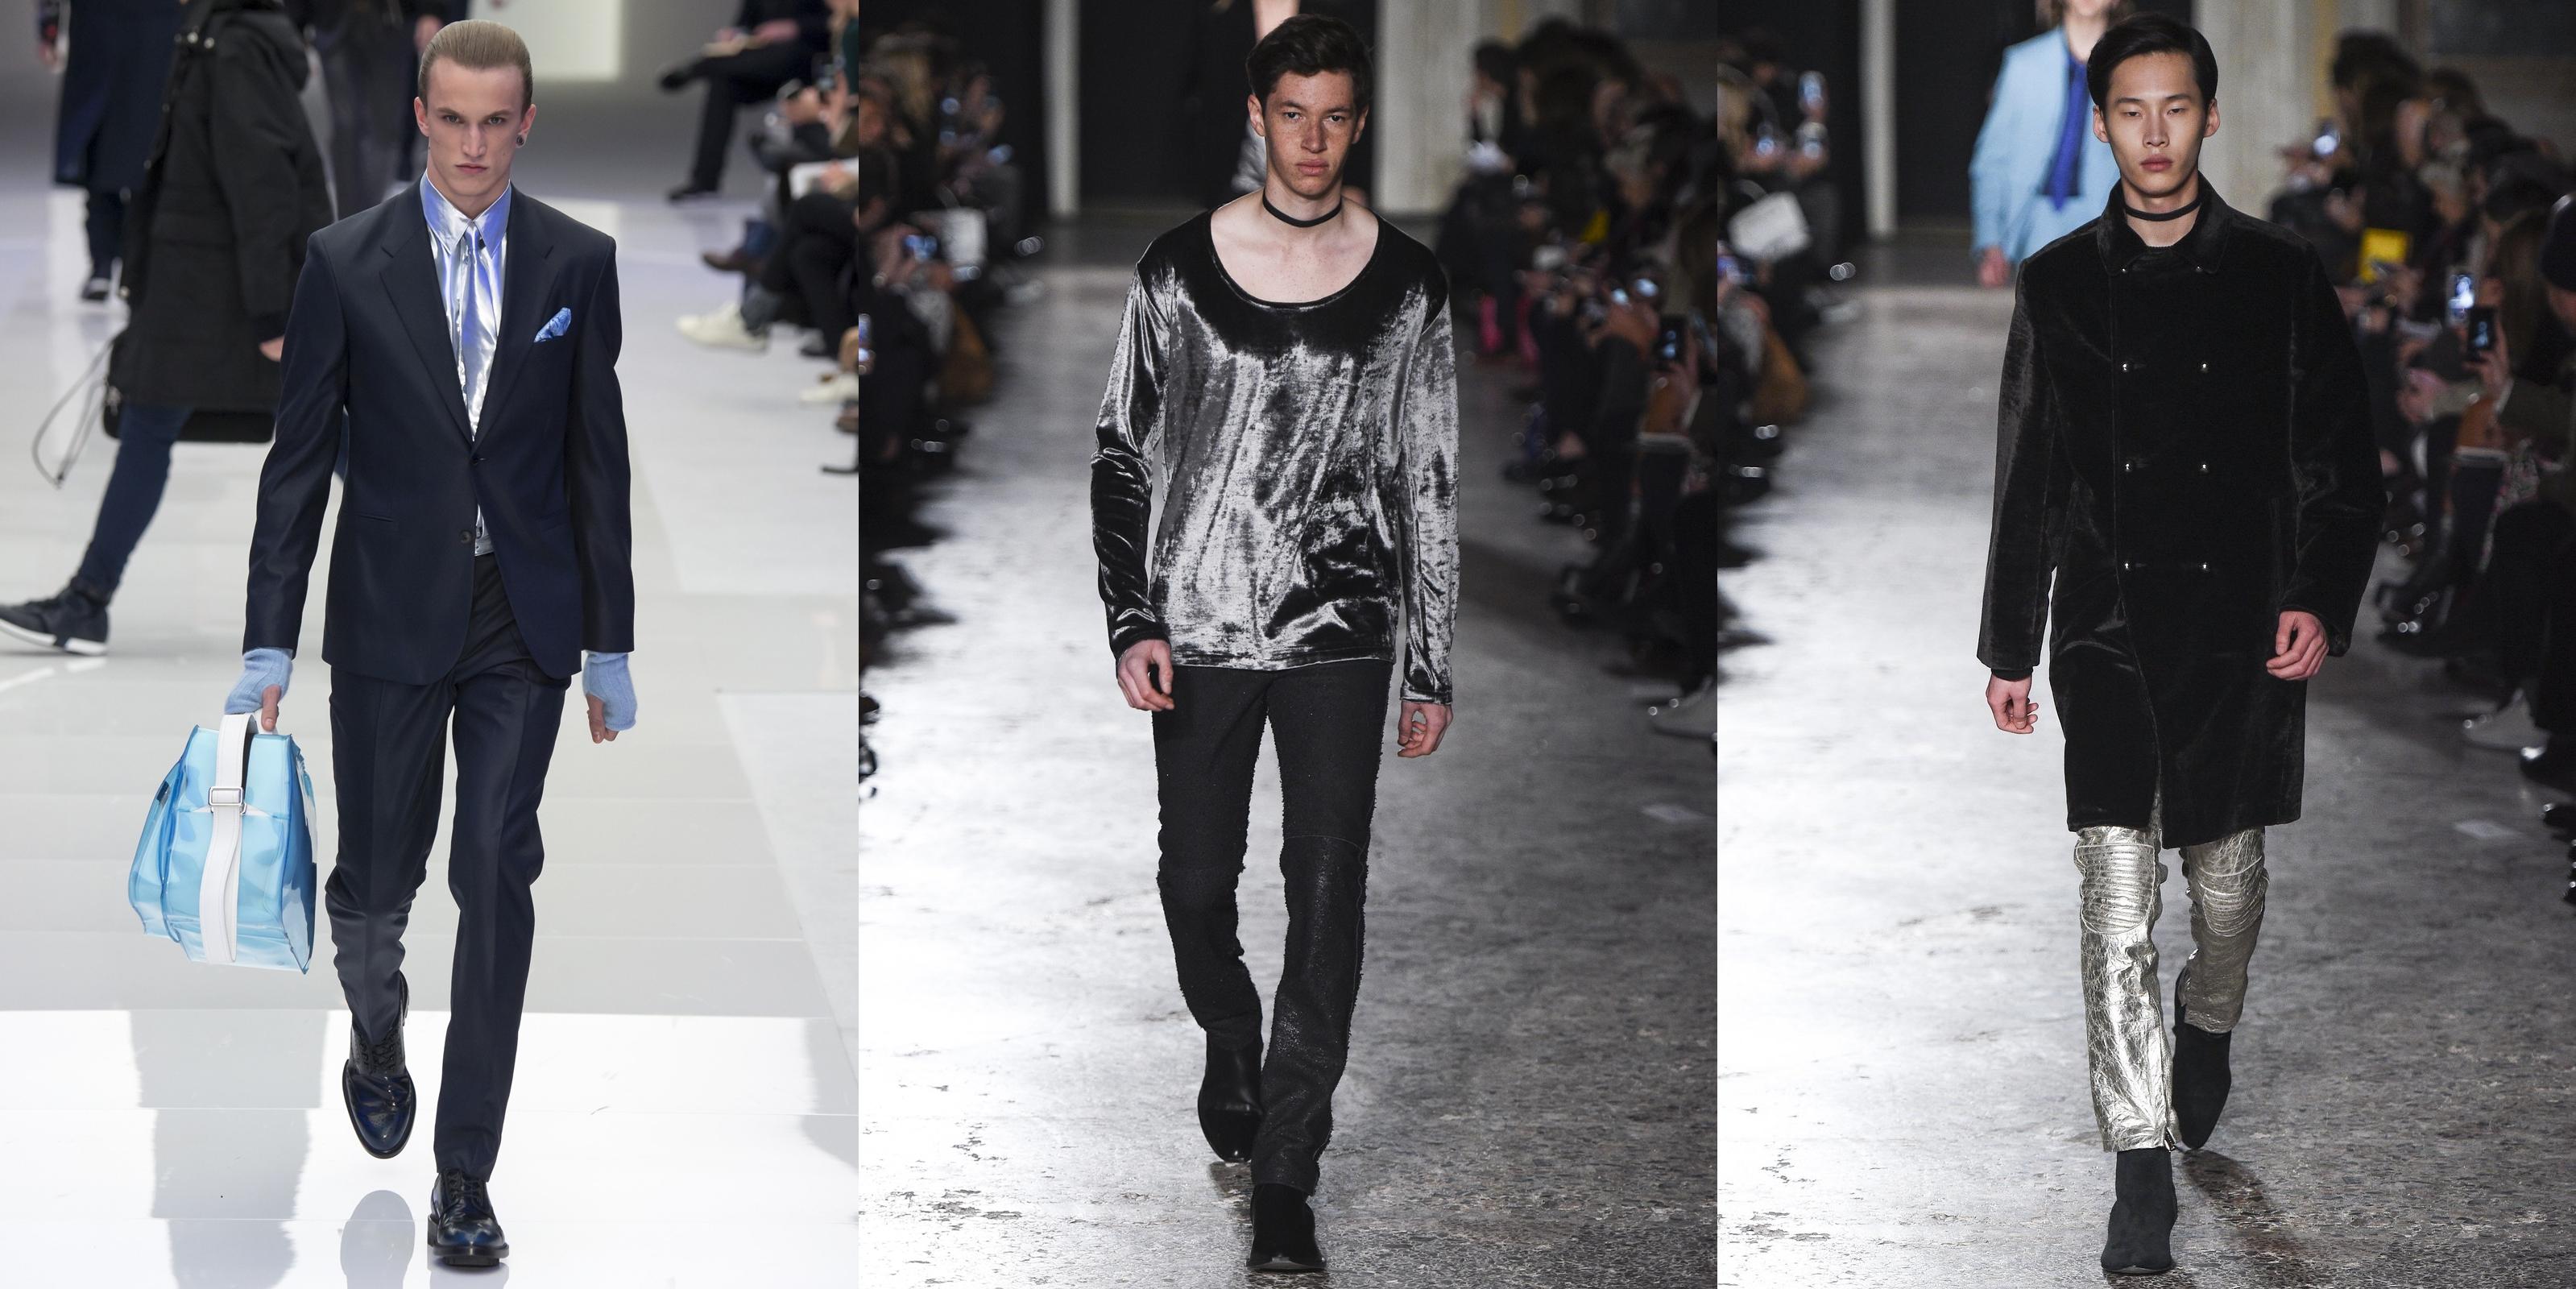 hit, passarela, tendencia masculina, moda masculina, blogger, fashion blogger, blogueiro de moda, alex cursino, richard brito, blogueiro de moda, dicas de moda, tendencia masculina,  (2)